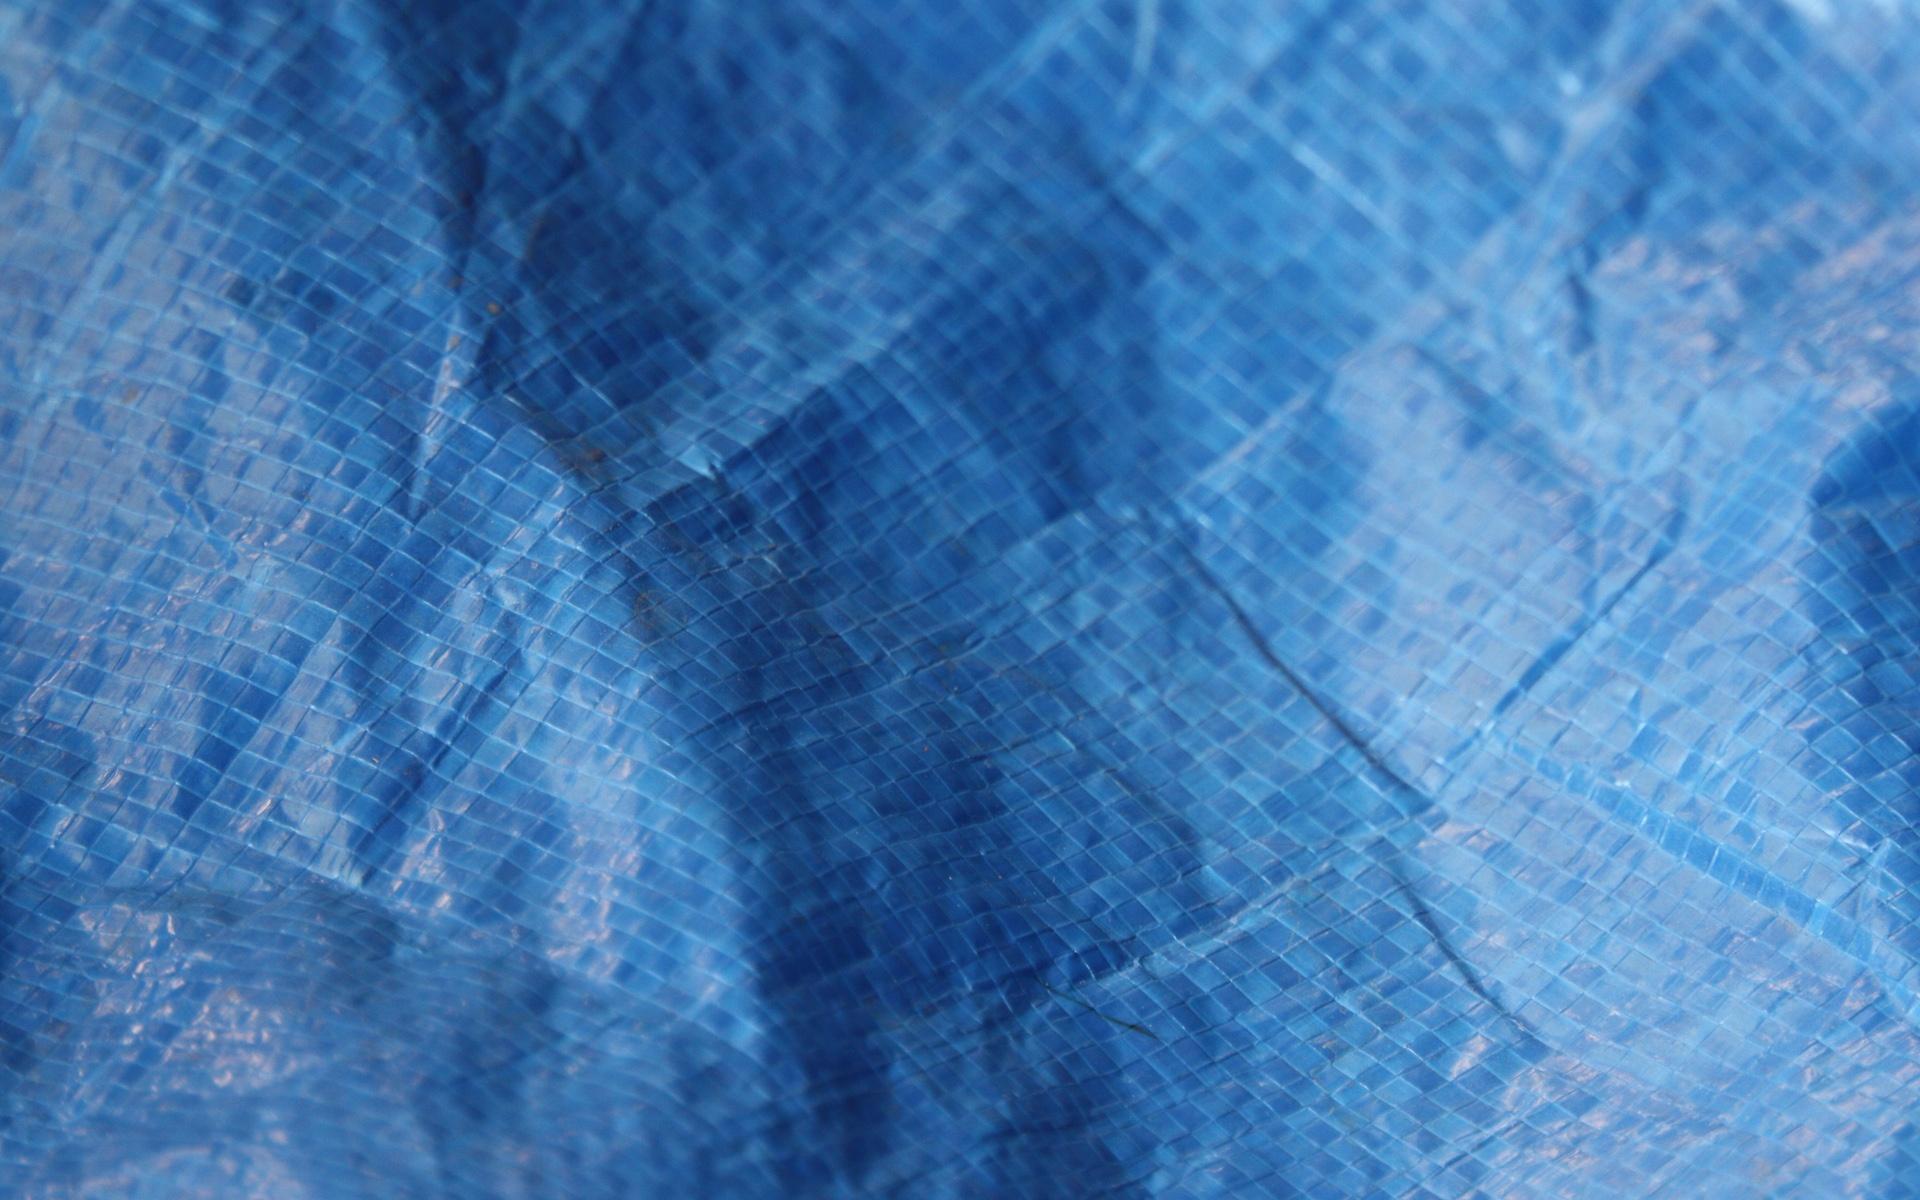 Blue Texture wallpaper   756042 1920x1200